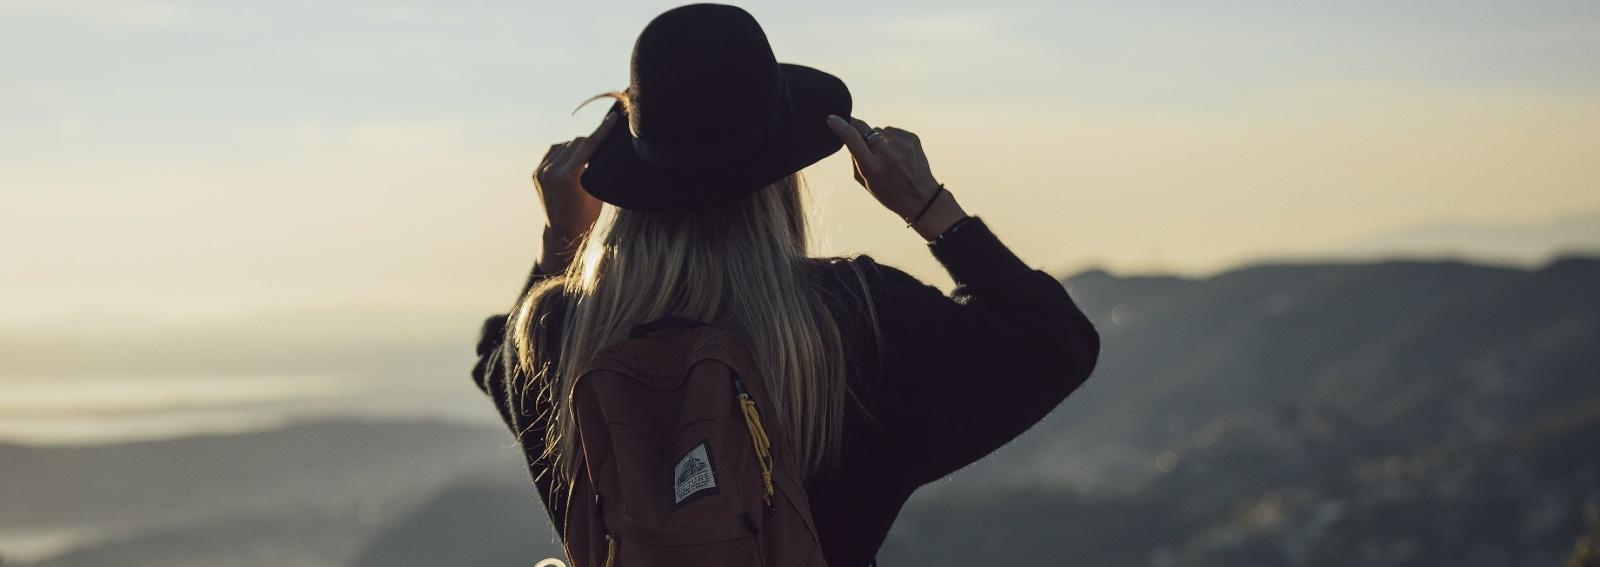 viaggiare in solitaria hero